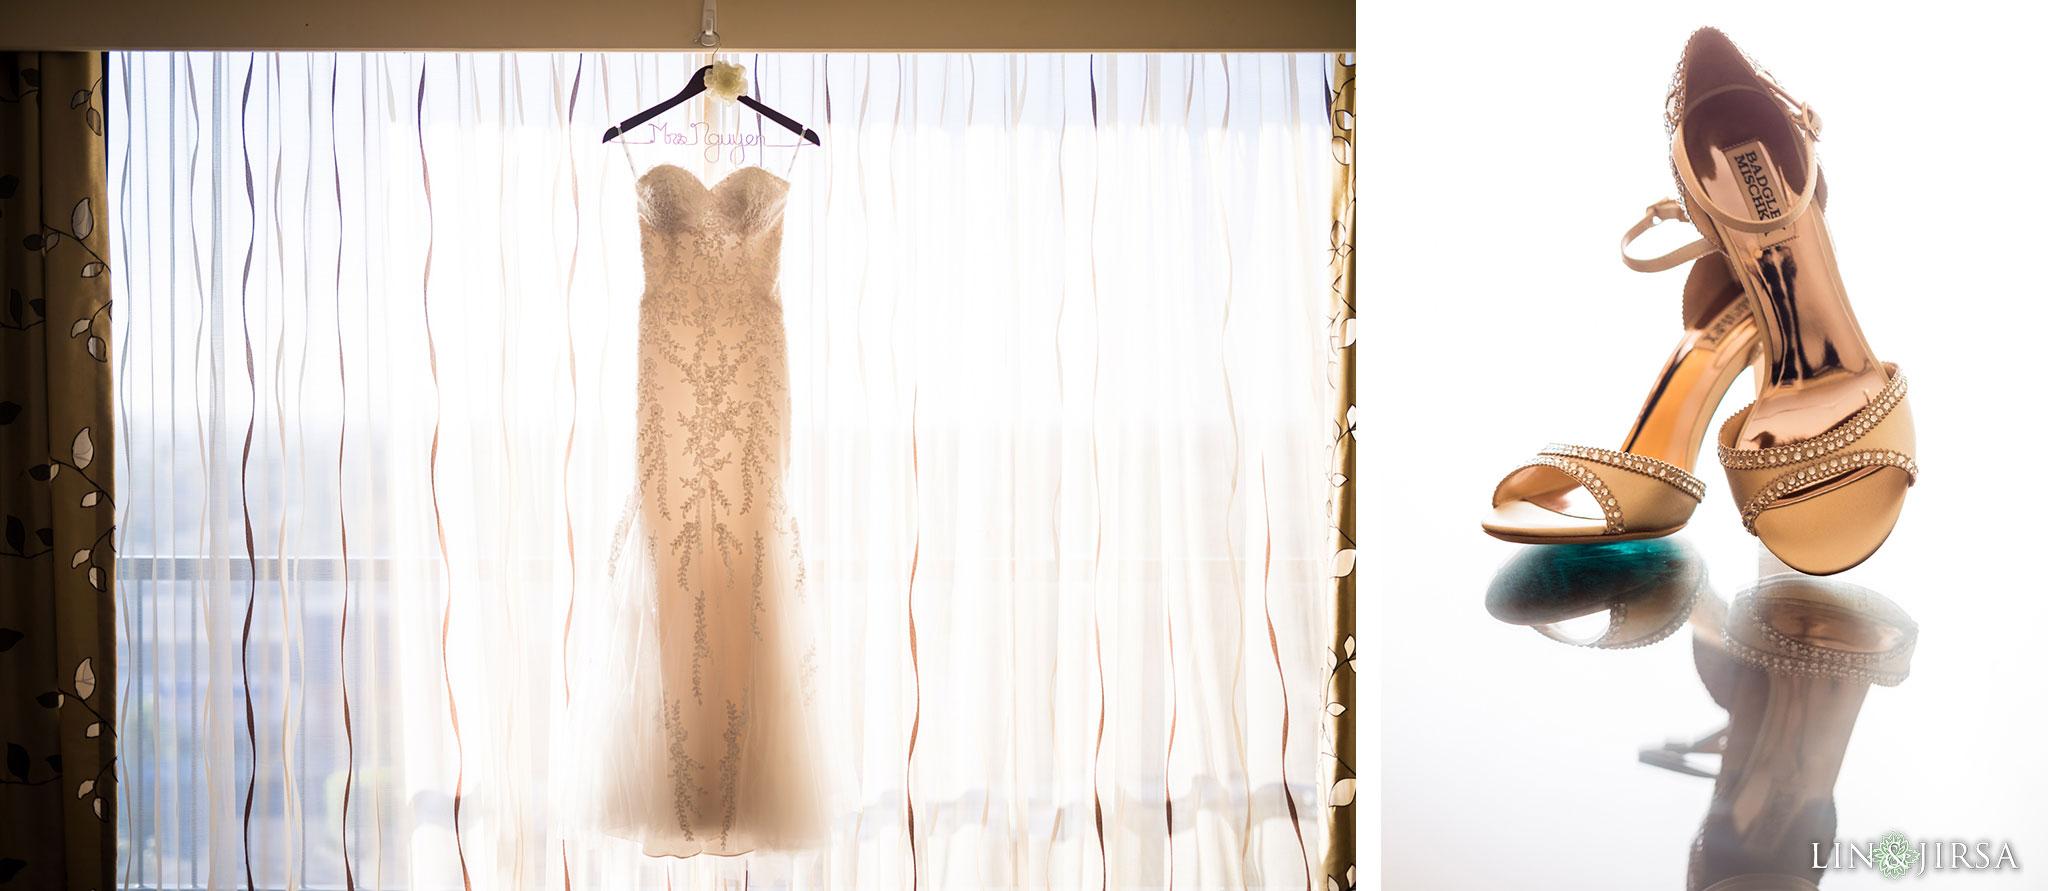 12 hilton costa mesa bride wedding photography